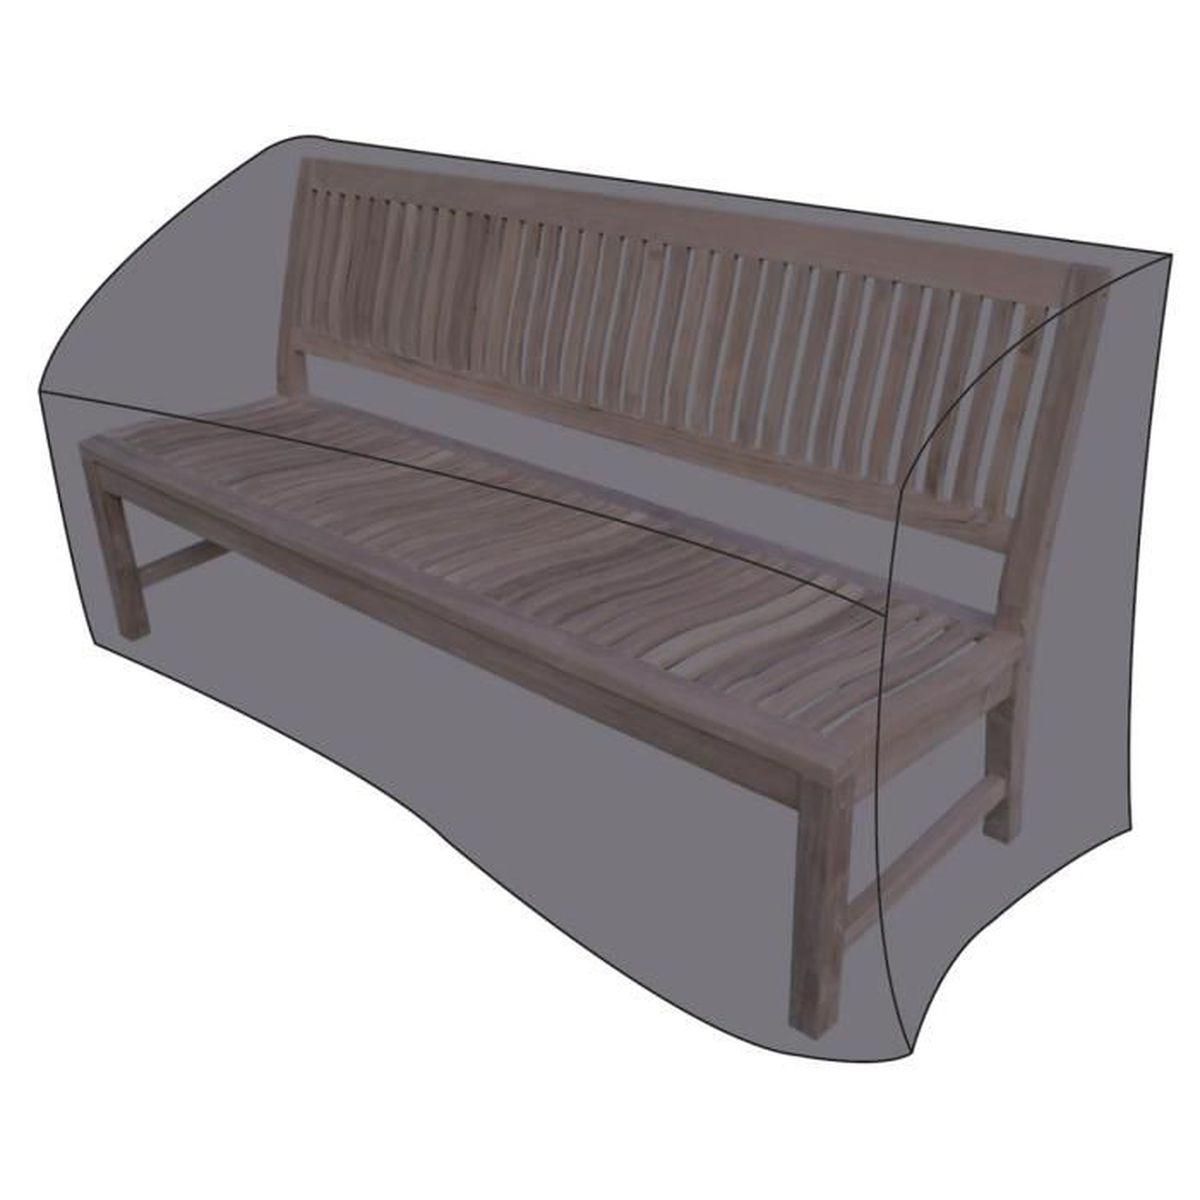 Cases LEX pour des bancs de jardin, 160 x 75 x 80 cm, étui de ...